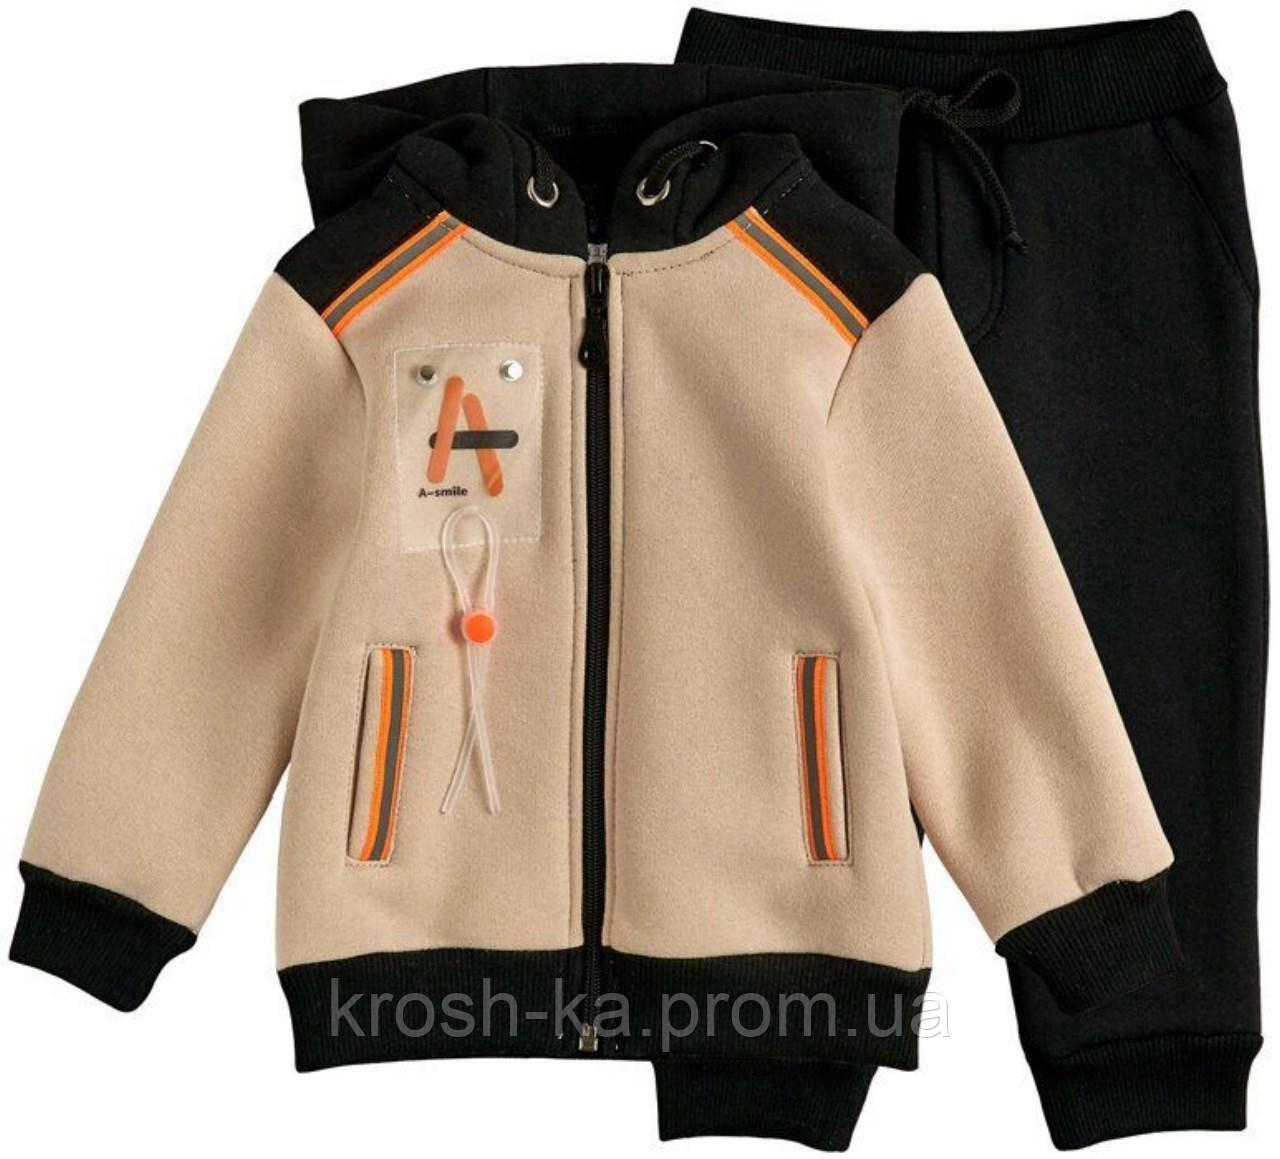 Спортивный костюм для мальчика на флисе бежевый (80-98)р (Гарден)Garden Baby Украина 28265-20